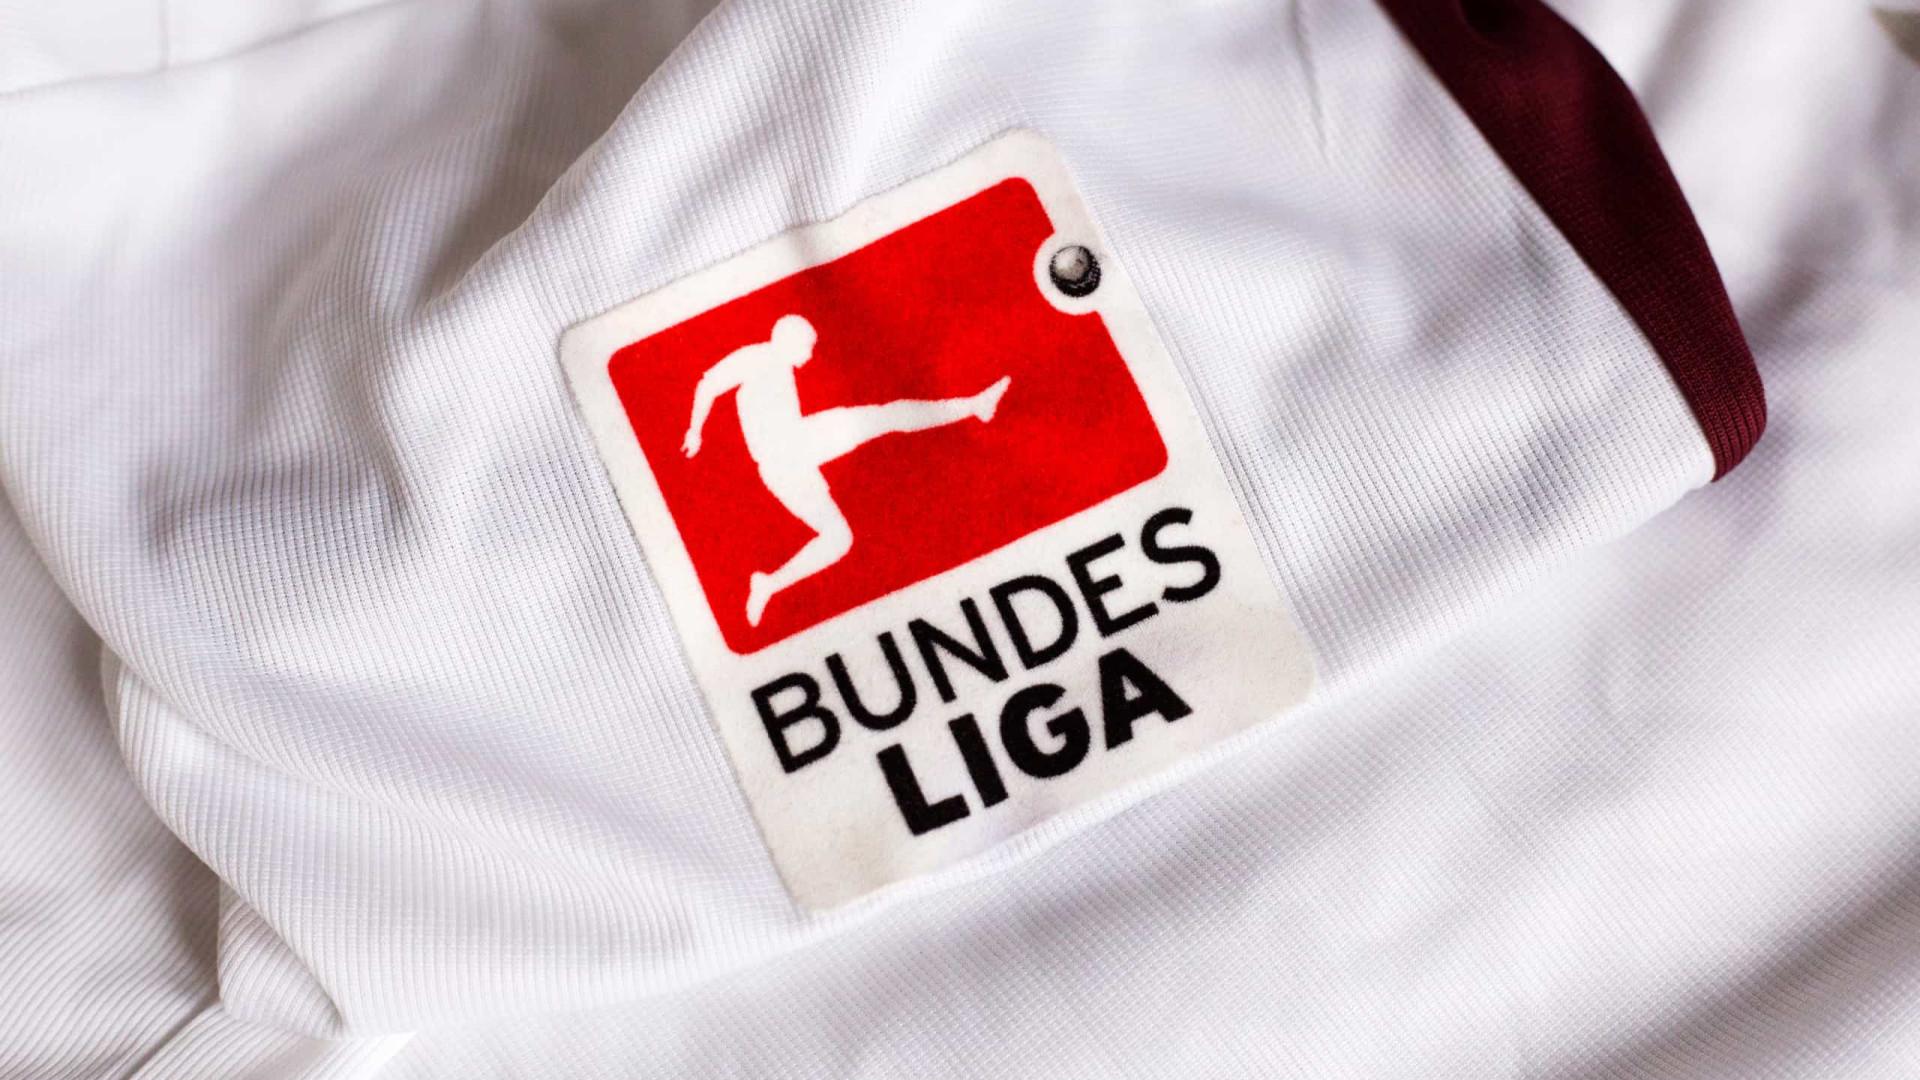 Bundesliga diz que casos de Covid-19 podem estender torneio até julho